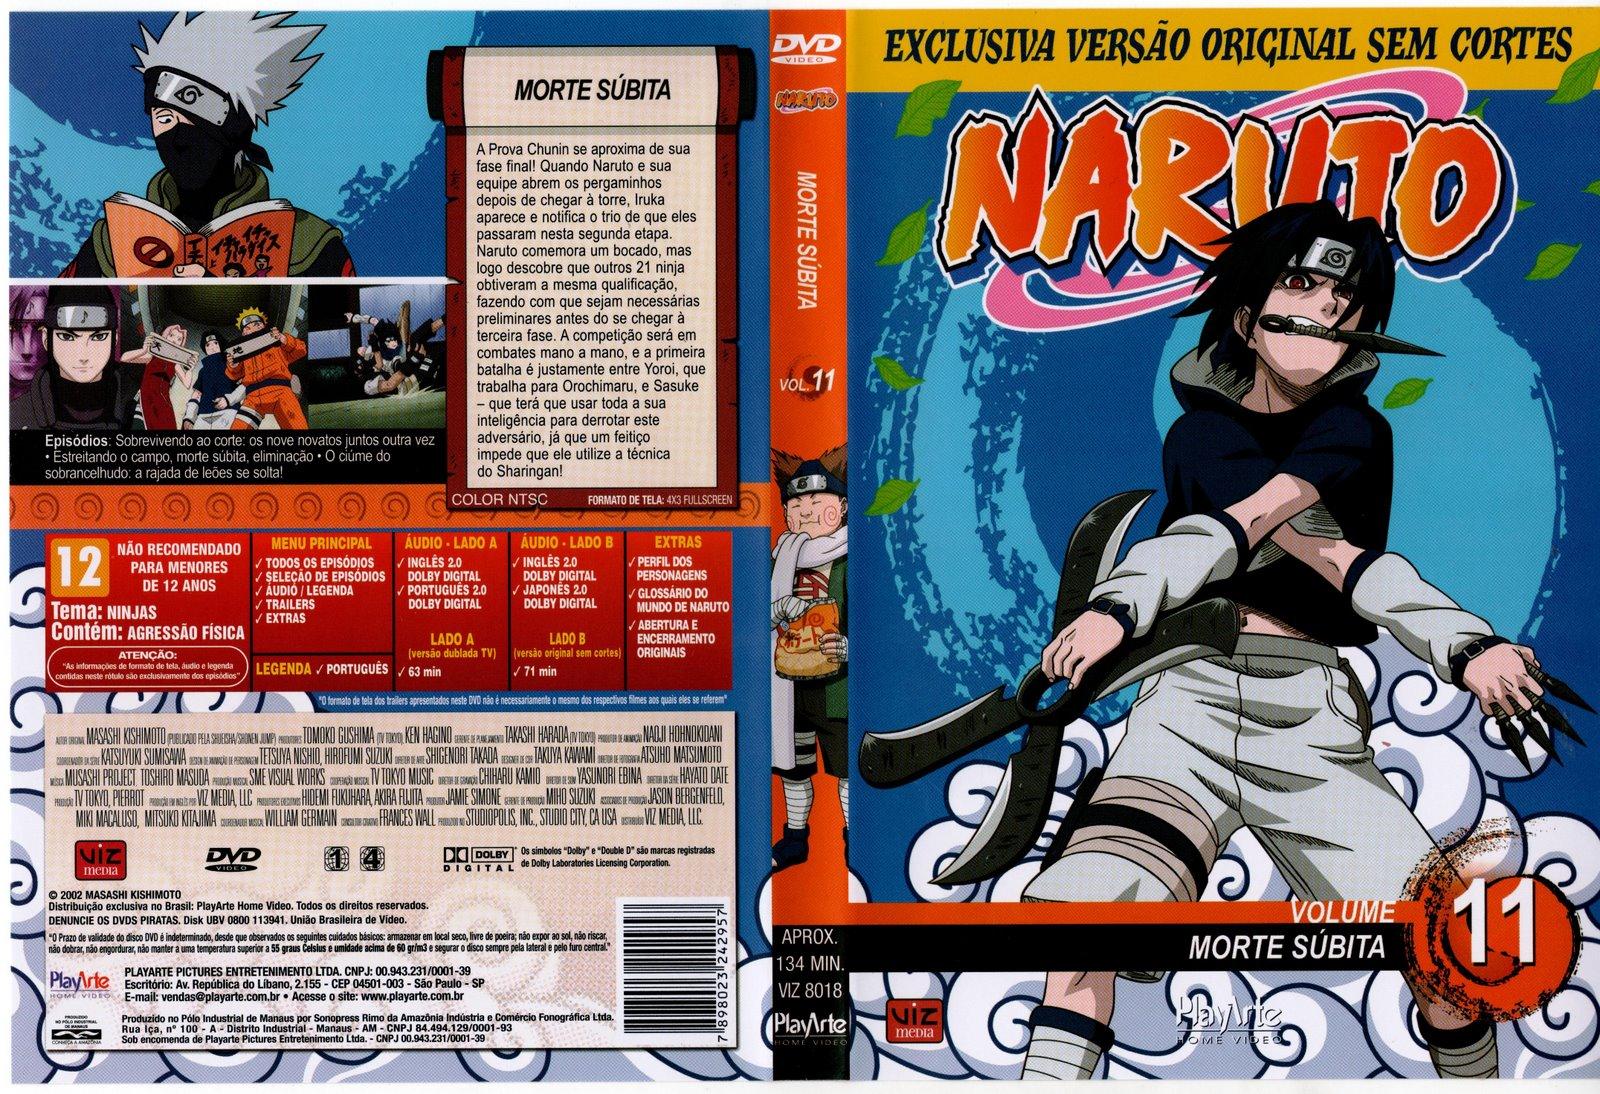 [Naruto+-+Volume+11+-+Morte+Súbita.jpg]